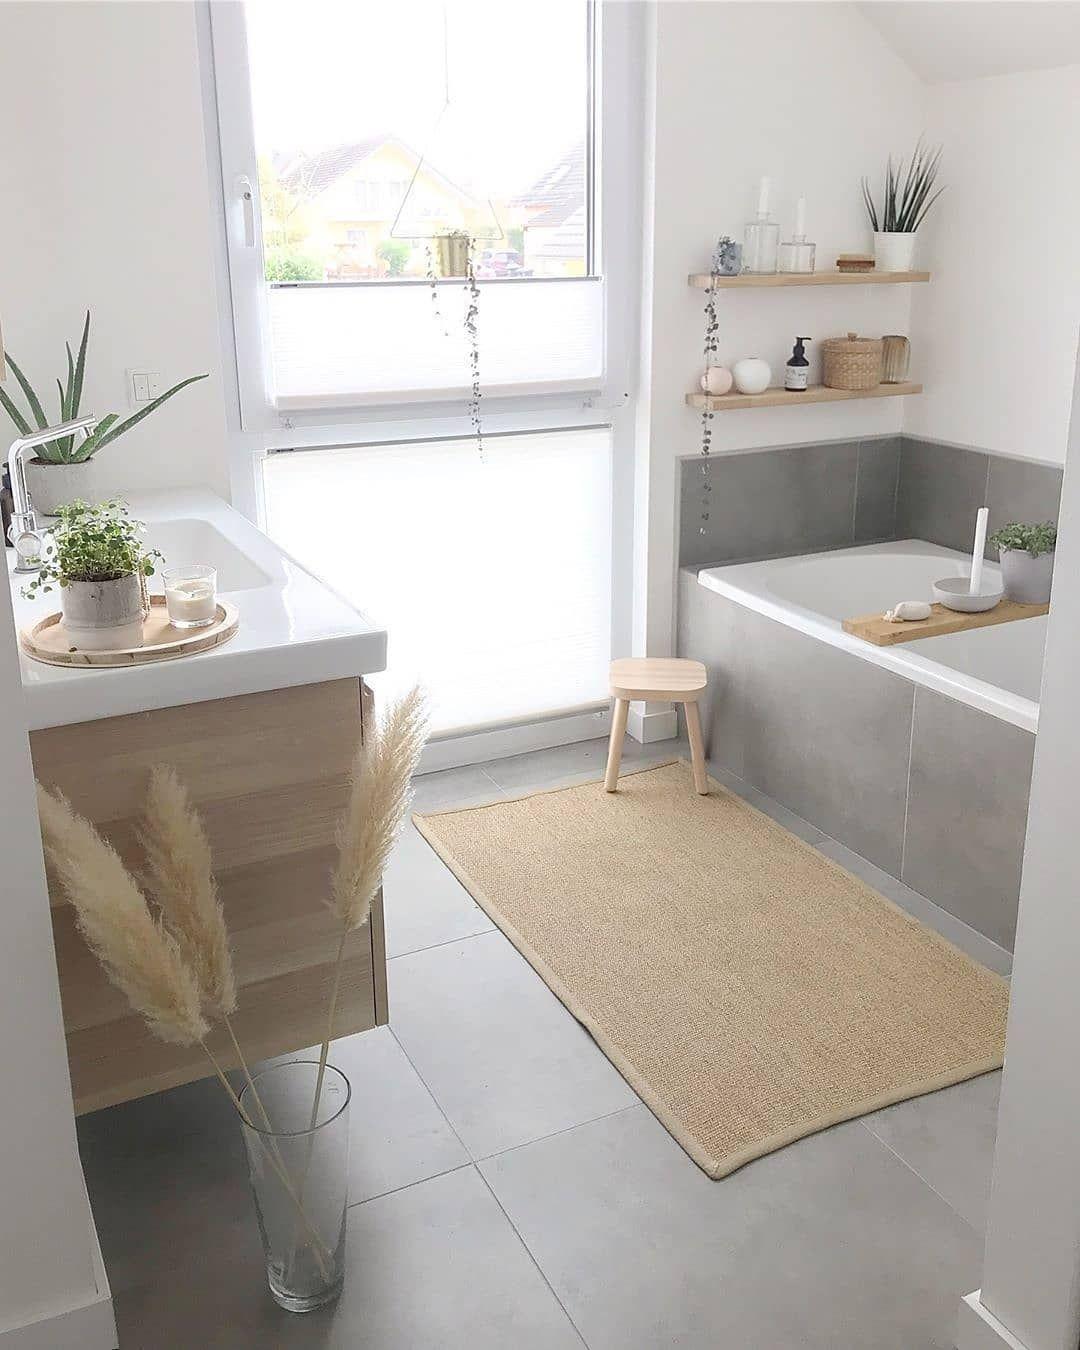 Large Bright And Stylish Bathroom By Fraeulein Mimi Bathroomideas Bathroom Bathroomideas Bright Frae Bad Fliesen Designs Badezimmer Dekor Badezimmer